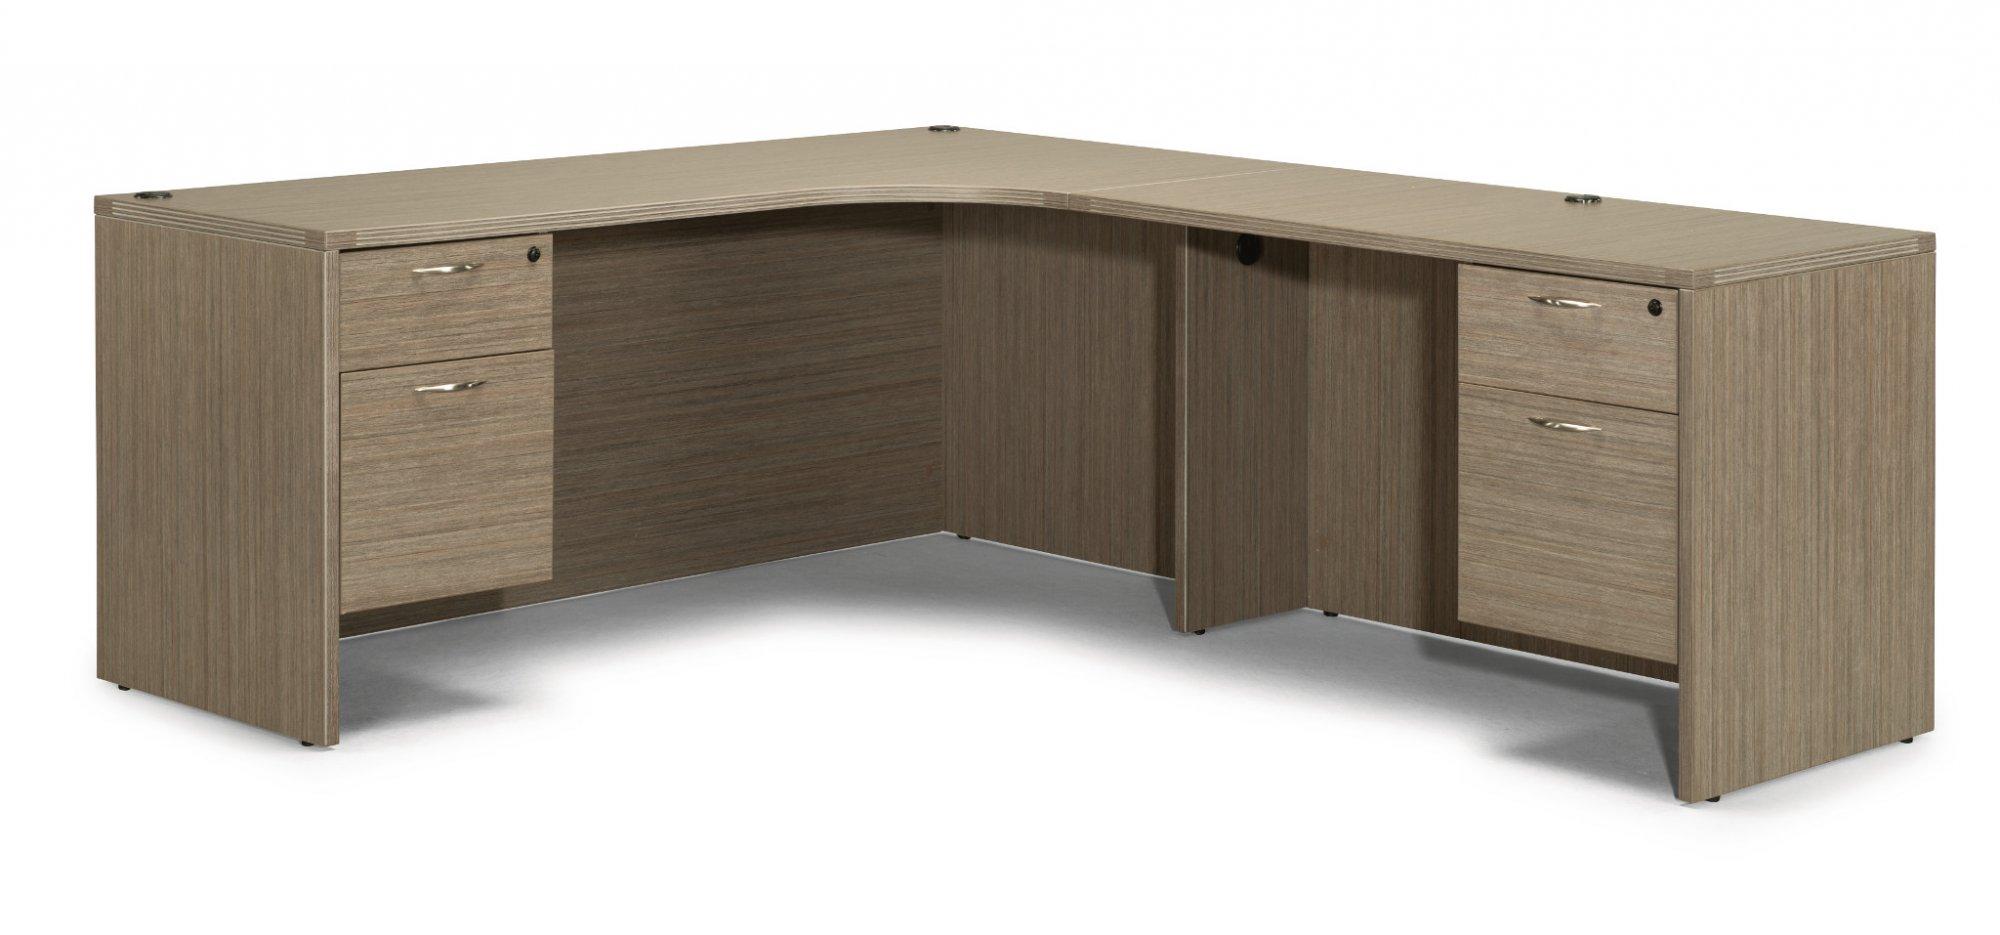 Flexsteel Fairplex  Right Executive Corner L Desk with 3/4 Peds